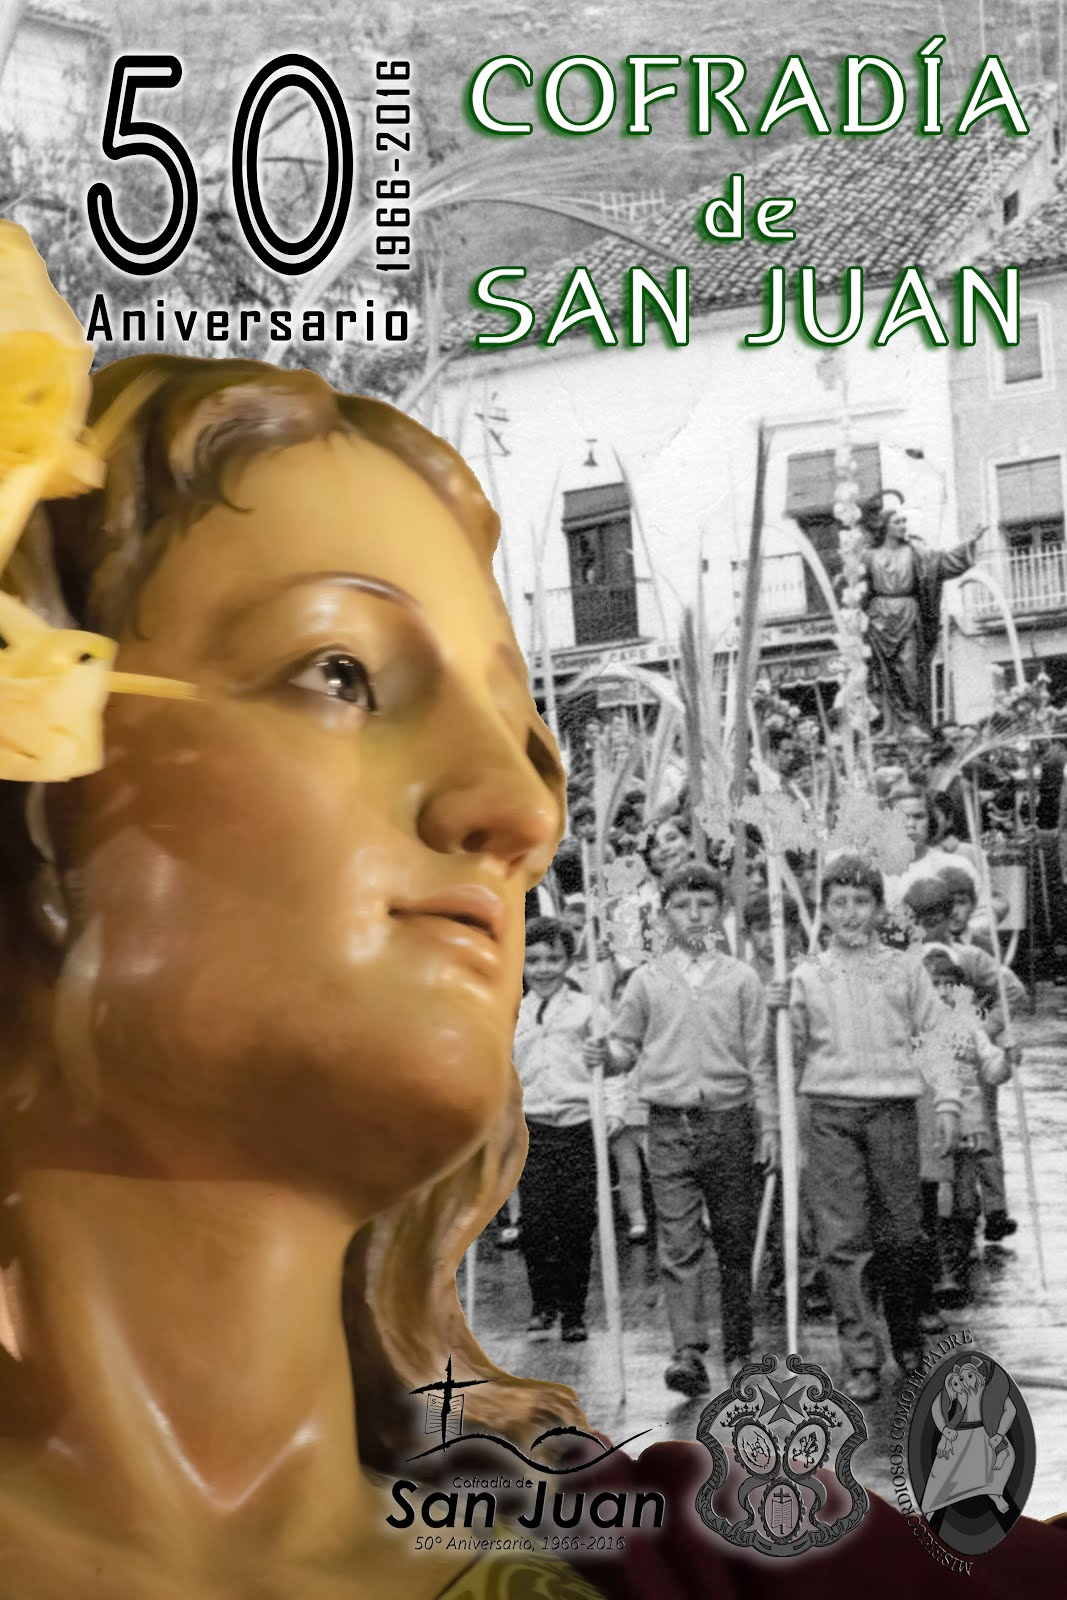 CARTEL 50 ANIVERSARIO COFRADÍA DE SAN JUAN